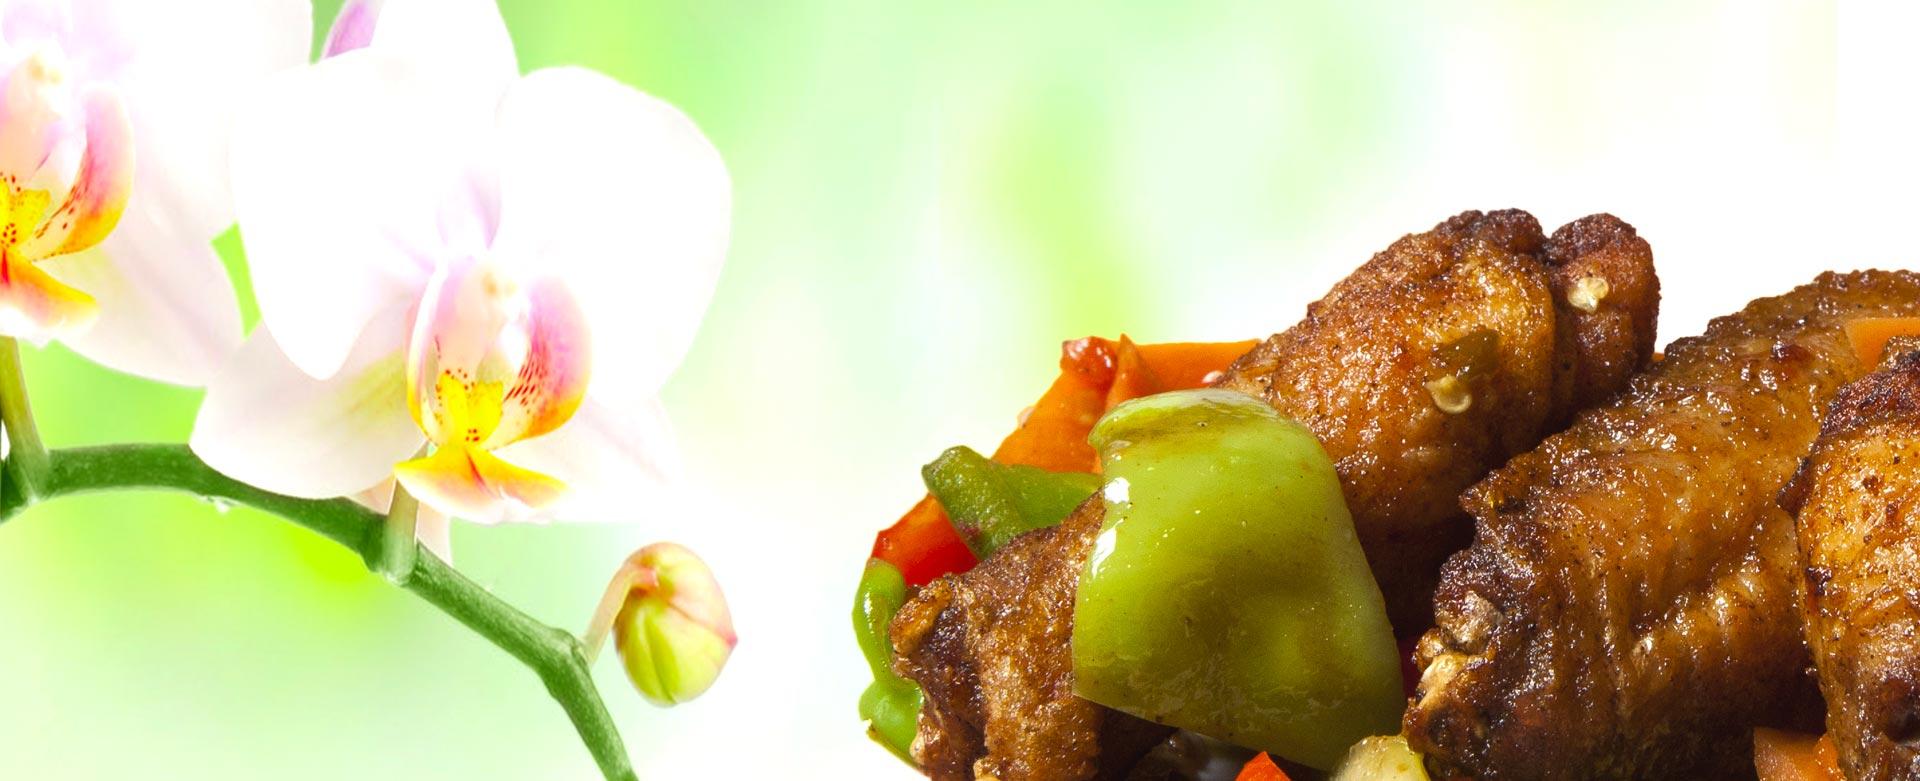 Aripioare KungFu King, un preparat de pui absolut irezistibil, deosebit de gustos, ce îmbină aroma legumelor proaspete cu măiestria bucătarilor Huan, Noa şi Shu Shu şi bineînteles nelipsitele condimente chinezeşti.